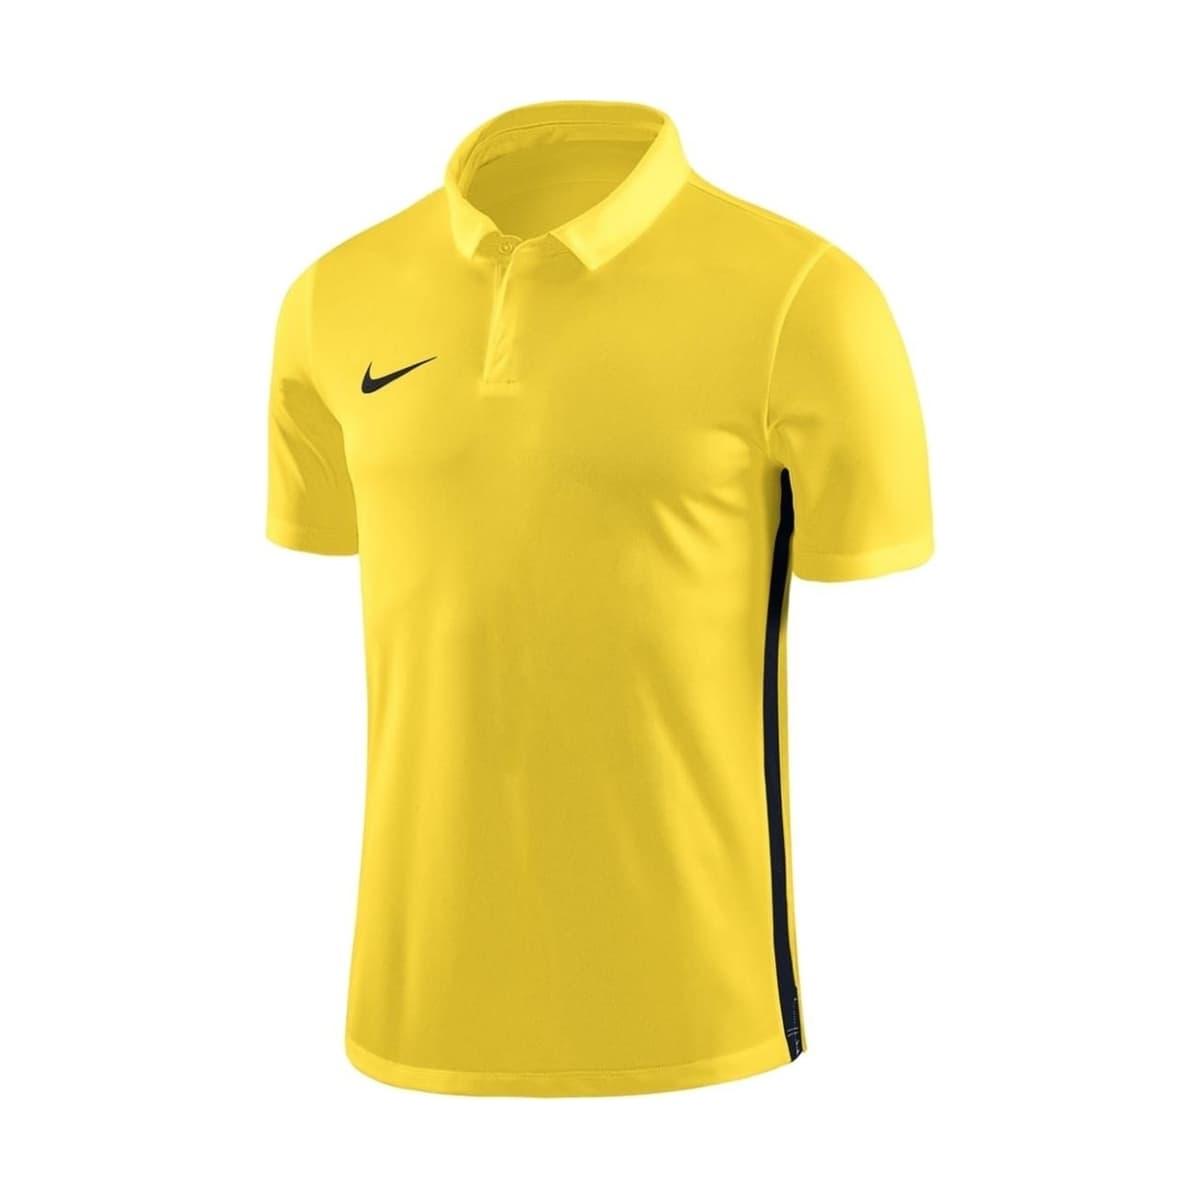 Dry Academy 18 Erkek Sarı Polo Tişört (899984-719)